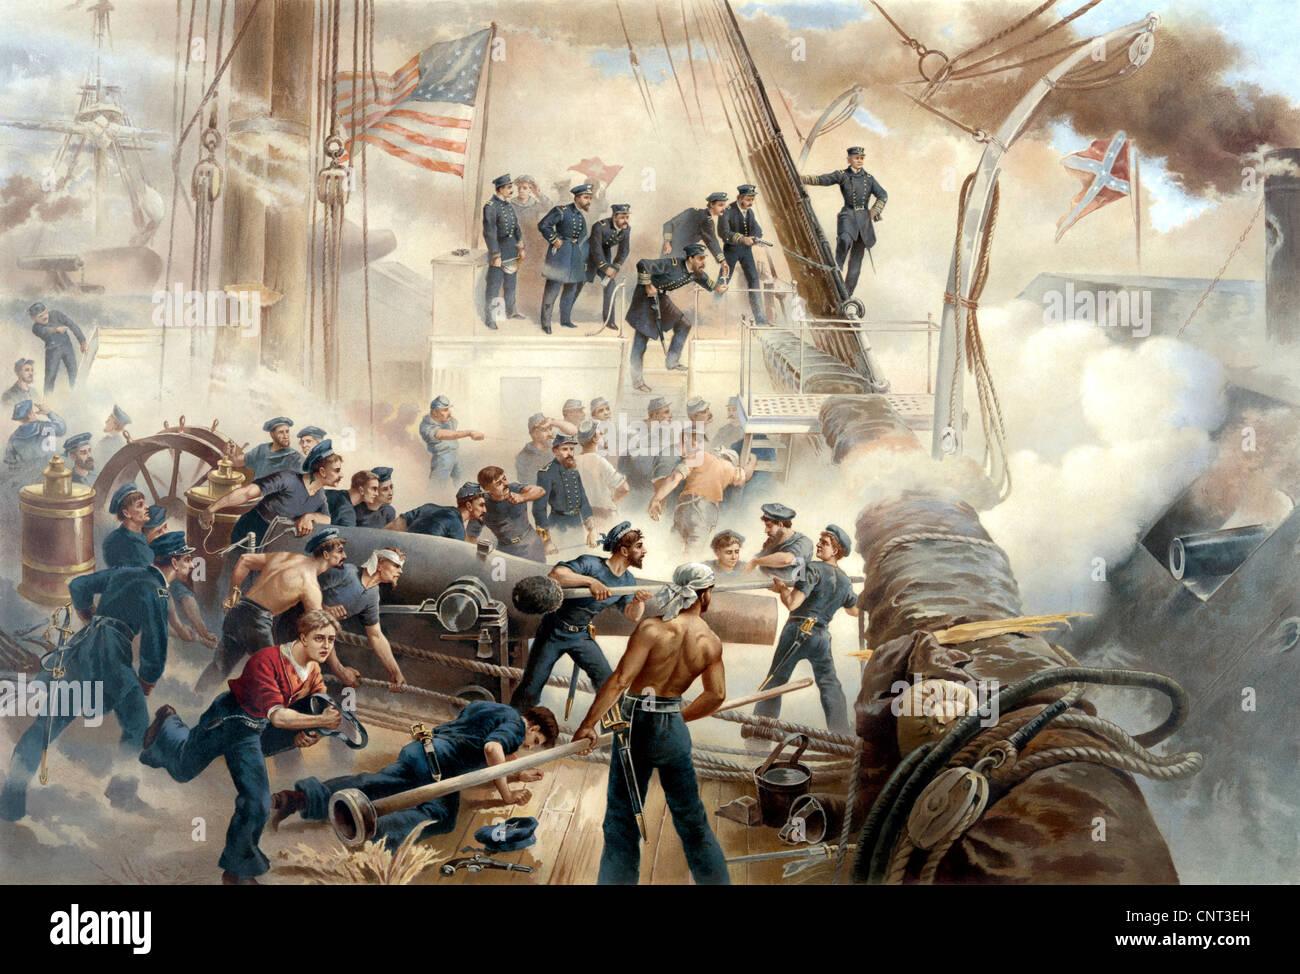 Guerra Civil Americana Vintage imprimir mostrando una batalla en el mar entre la Unión y la Confederación Imagen De Stock